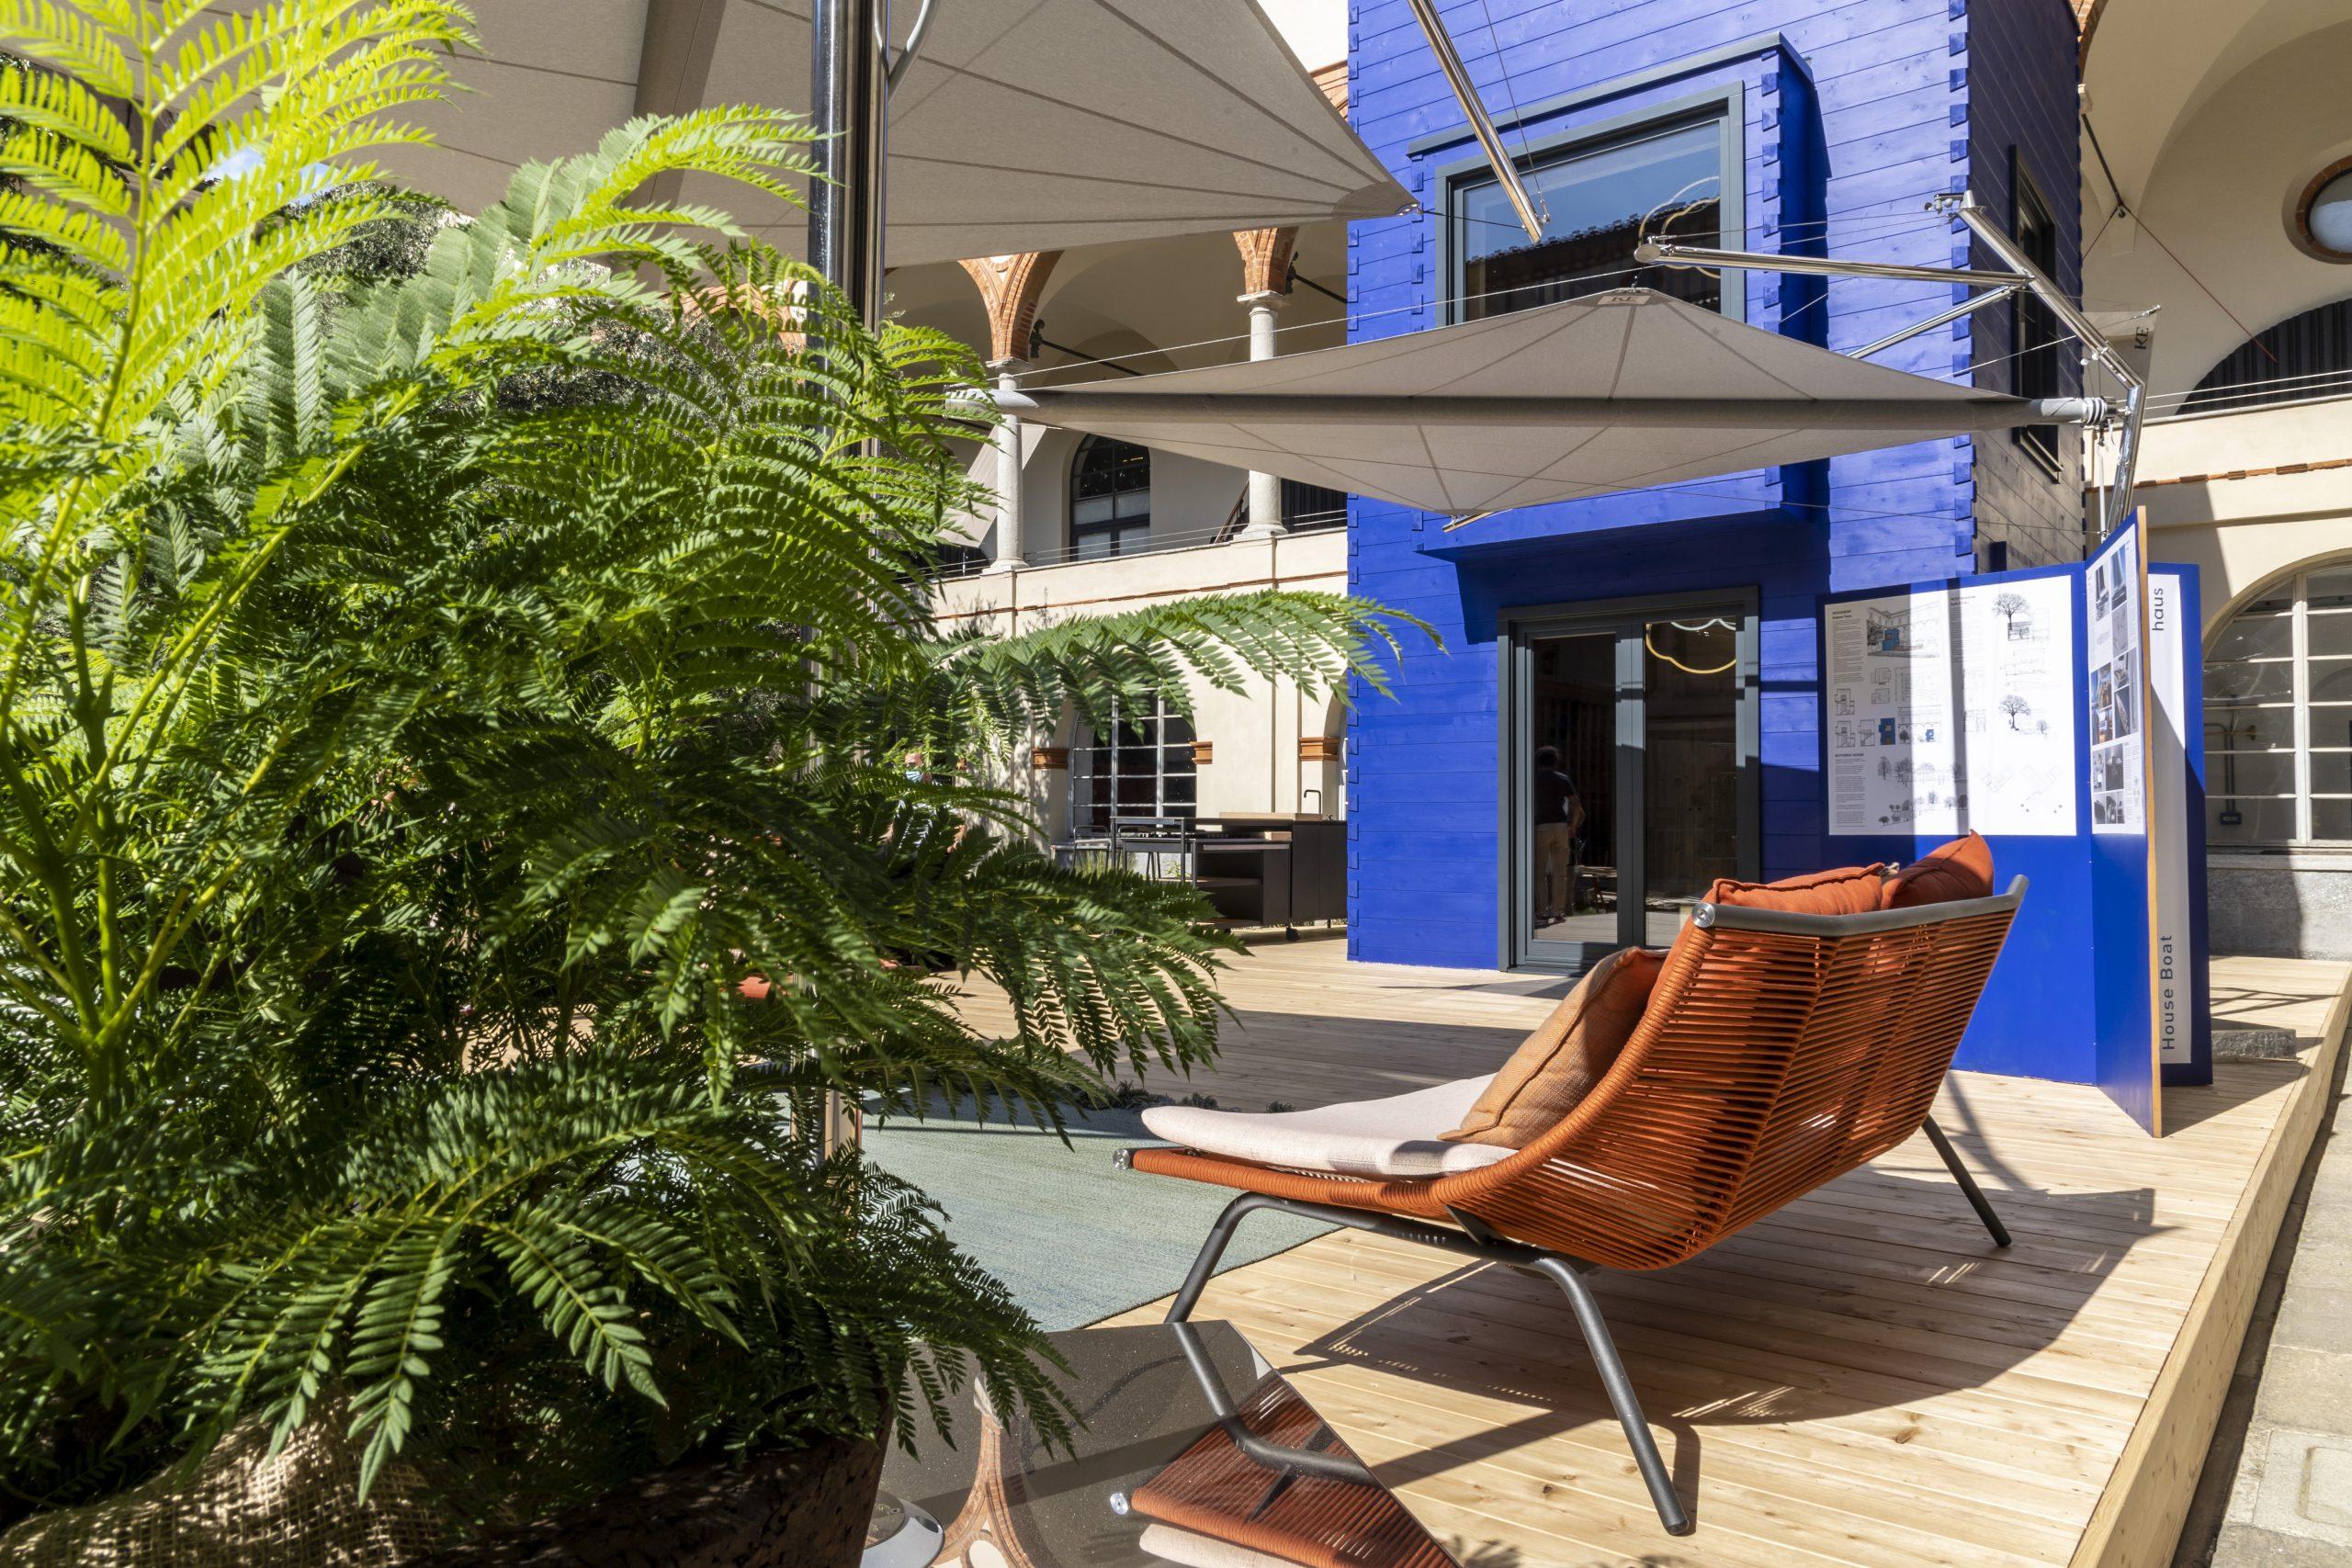 Rubner Haus Hausboot Milano Design Week